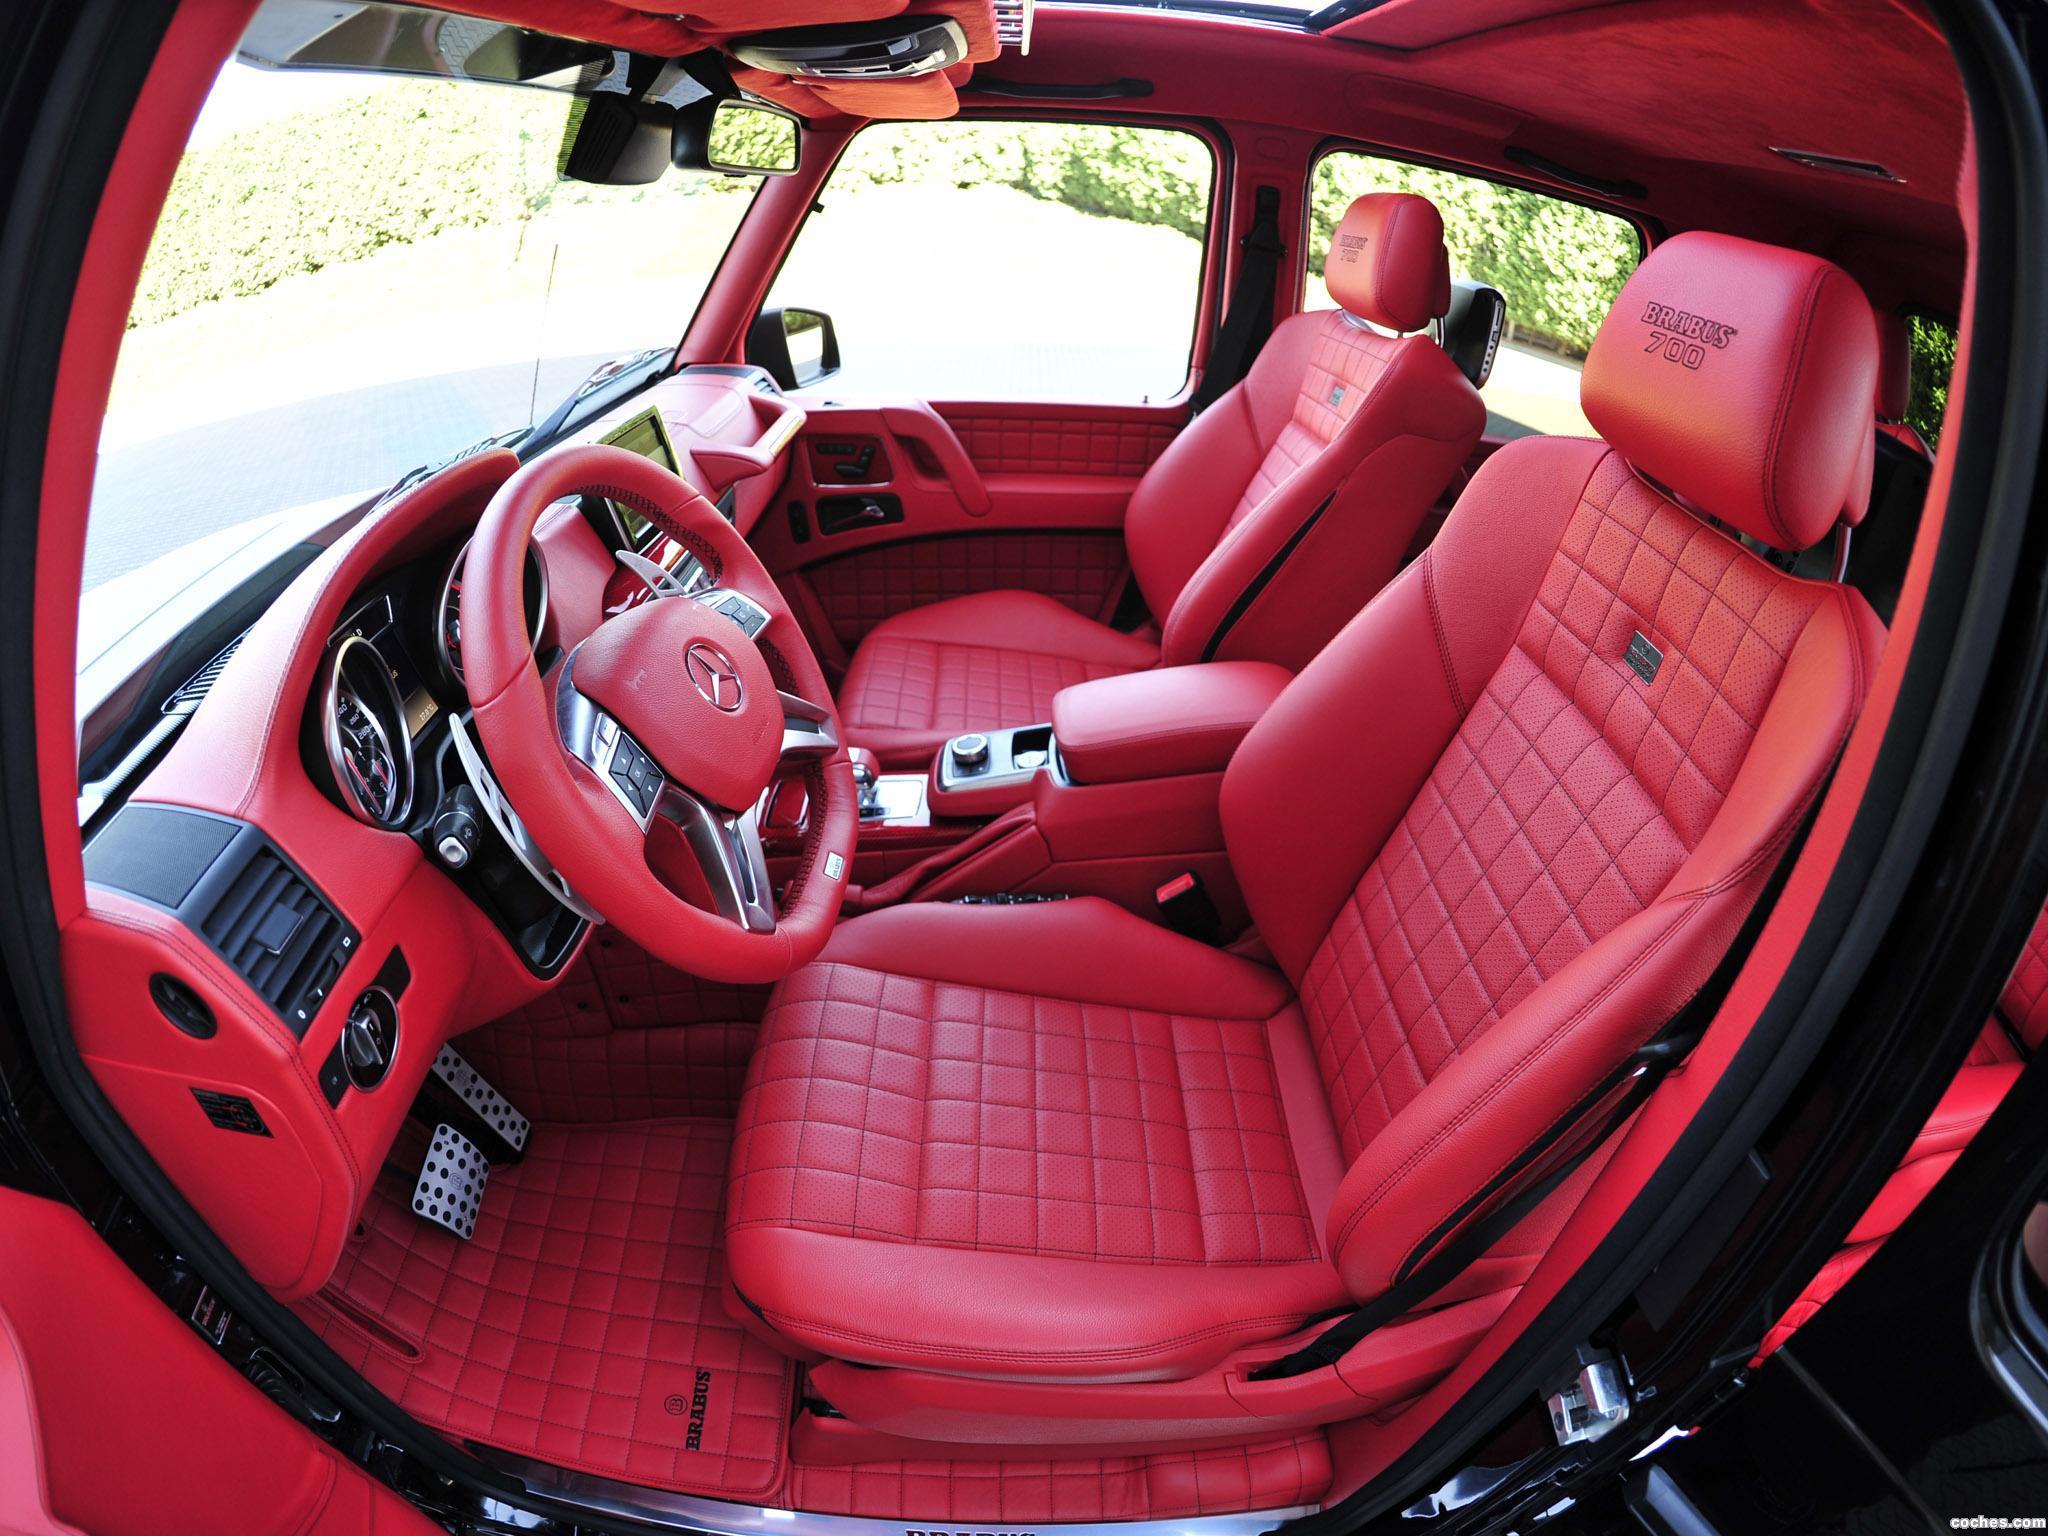 Foto 9 de Brabus Mercedes AMG B63 S 700 6x6 2013